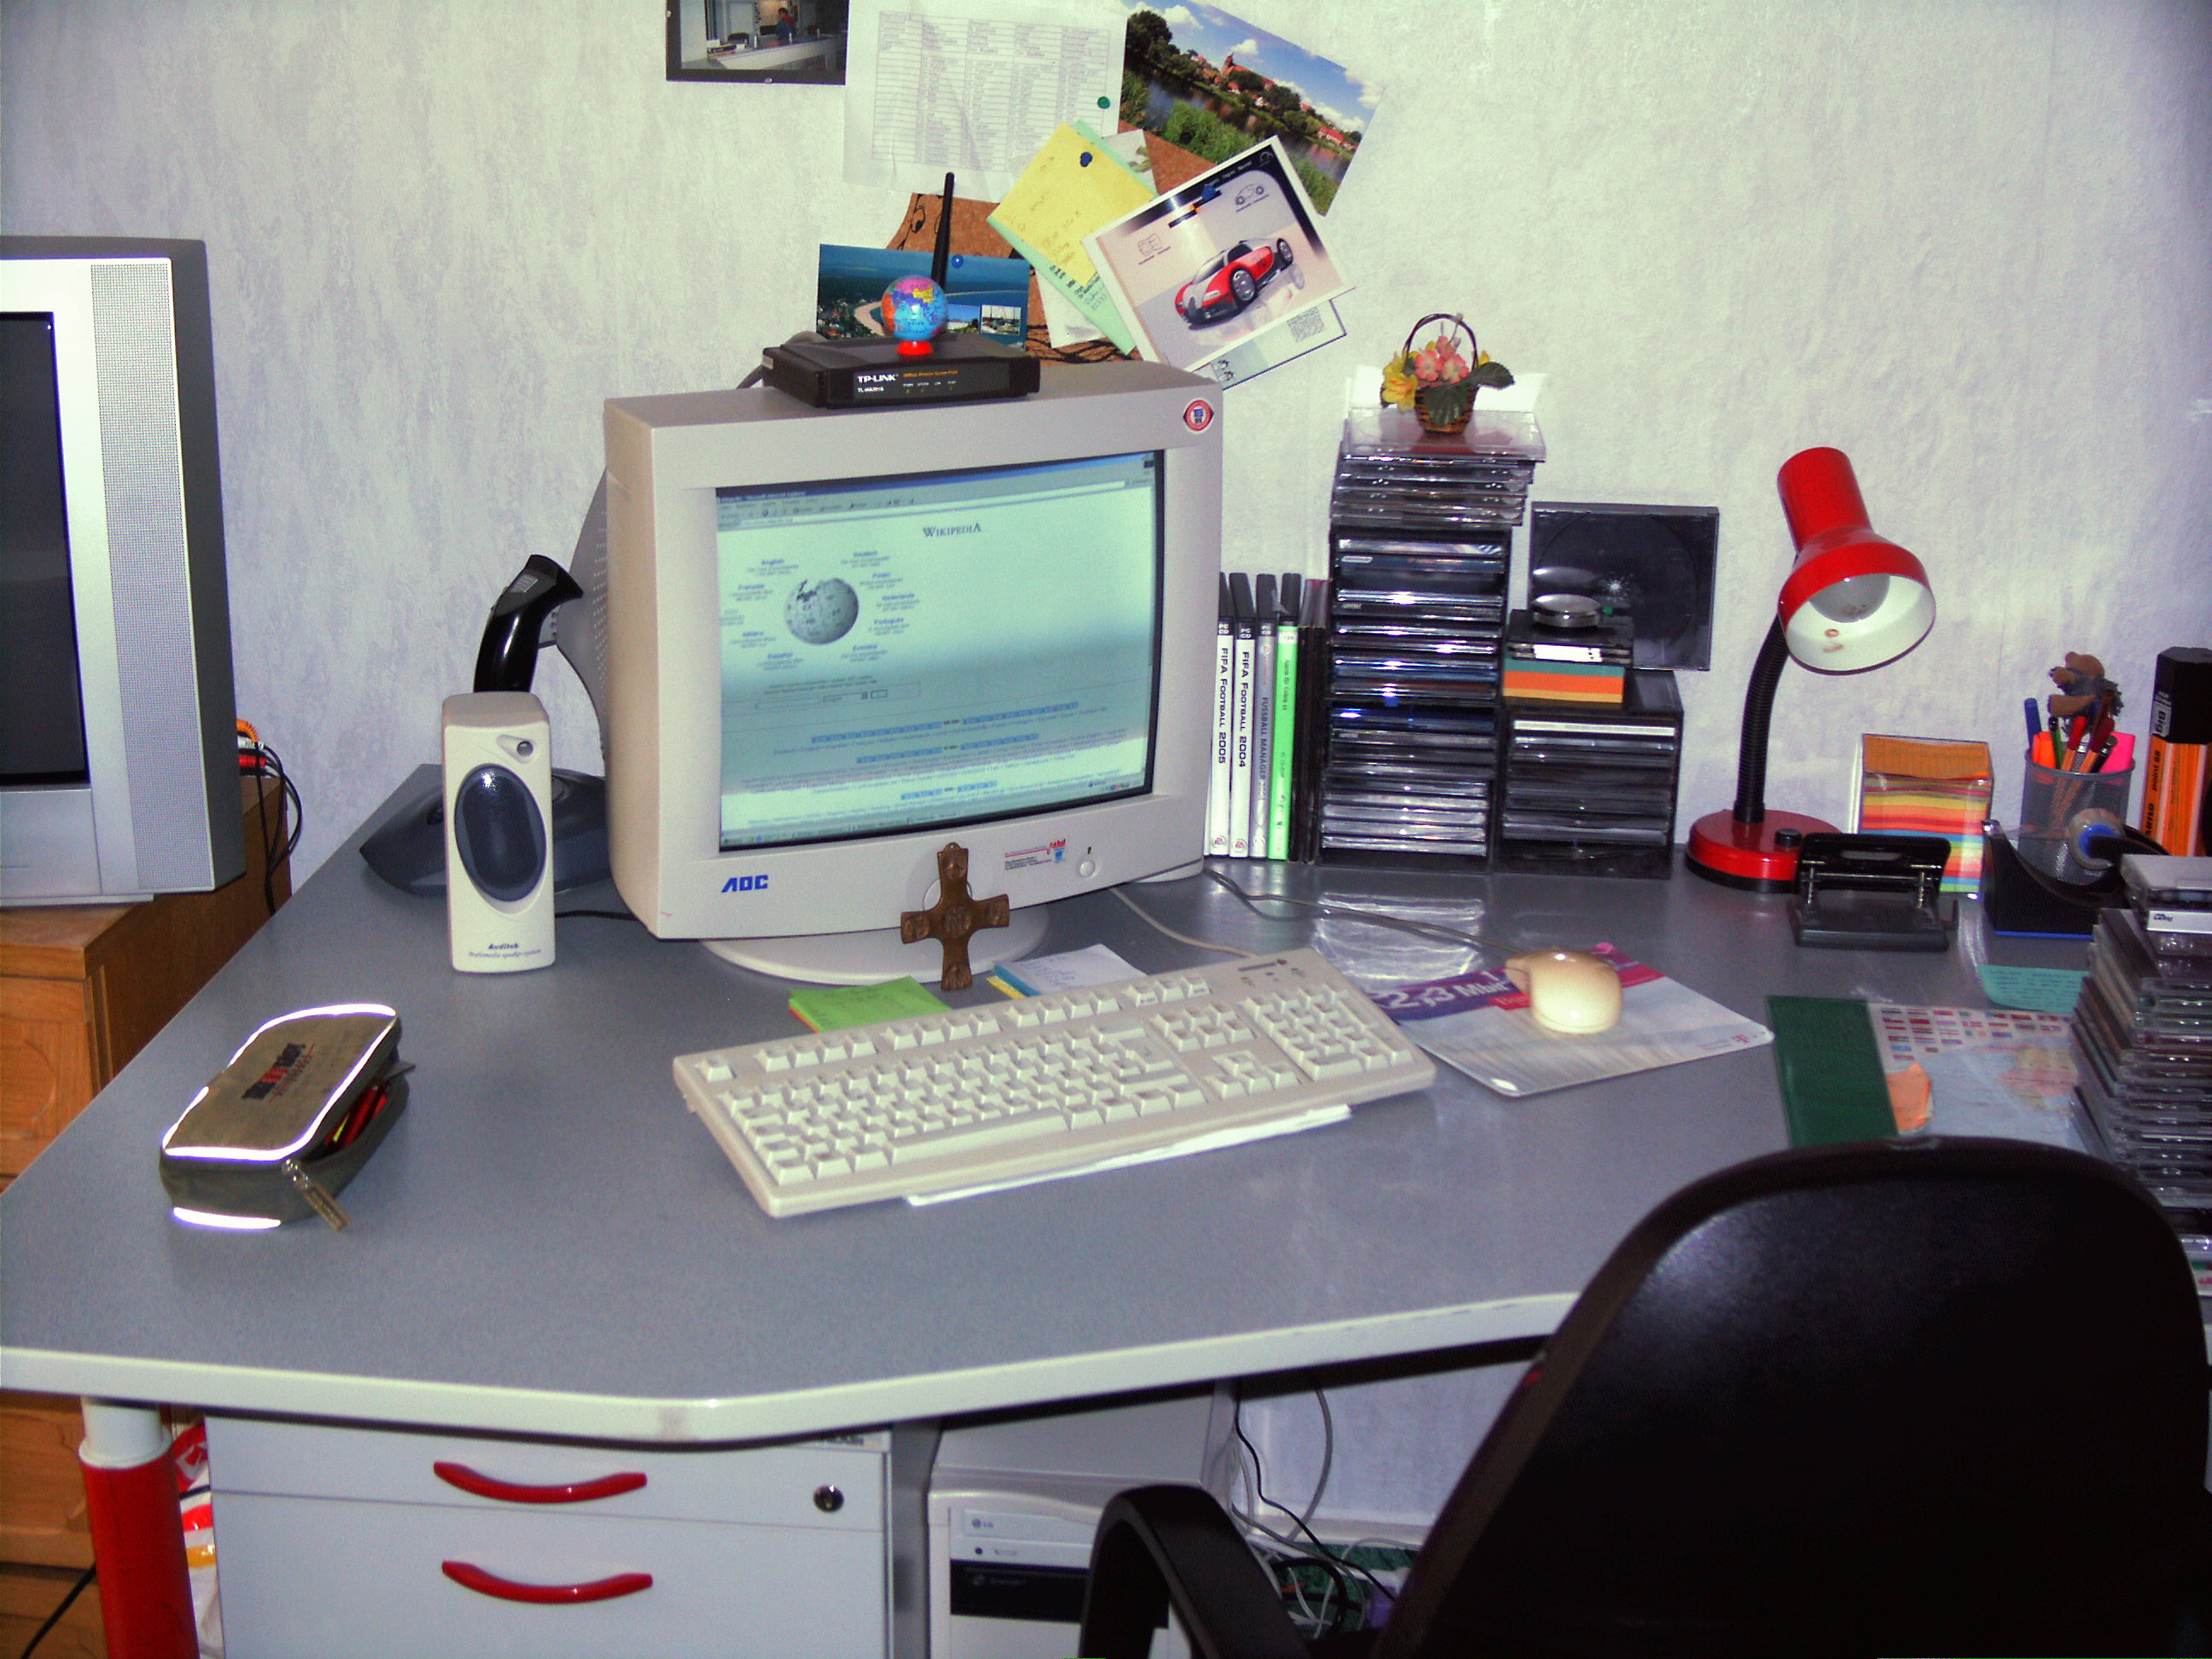 arbeitsplatz interior design und m bel ideen. Black Bedroom Furniture Sets. Home Design Ideas